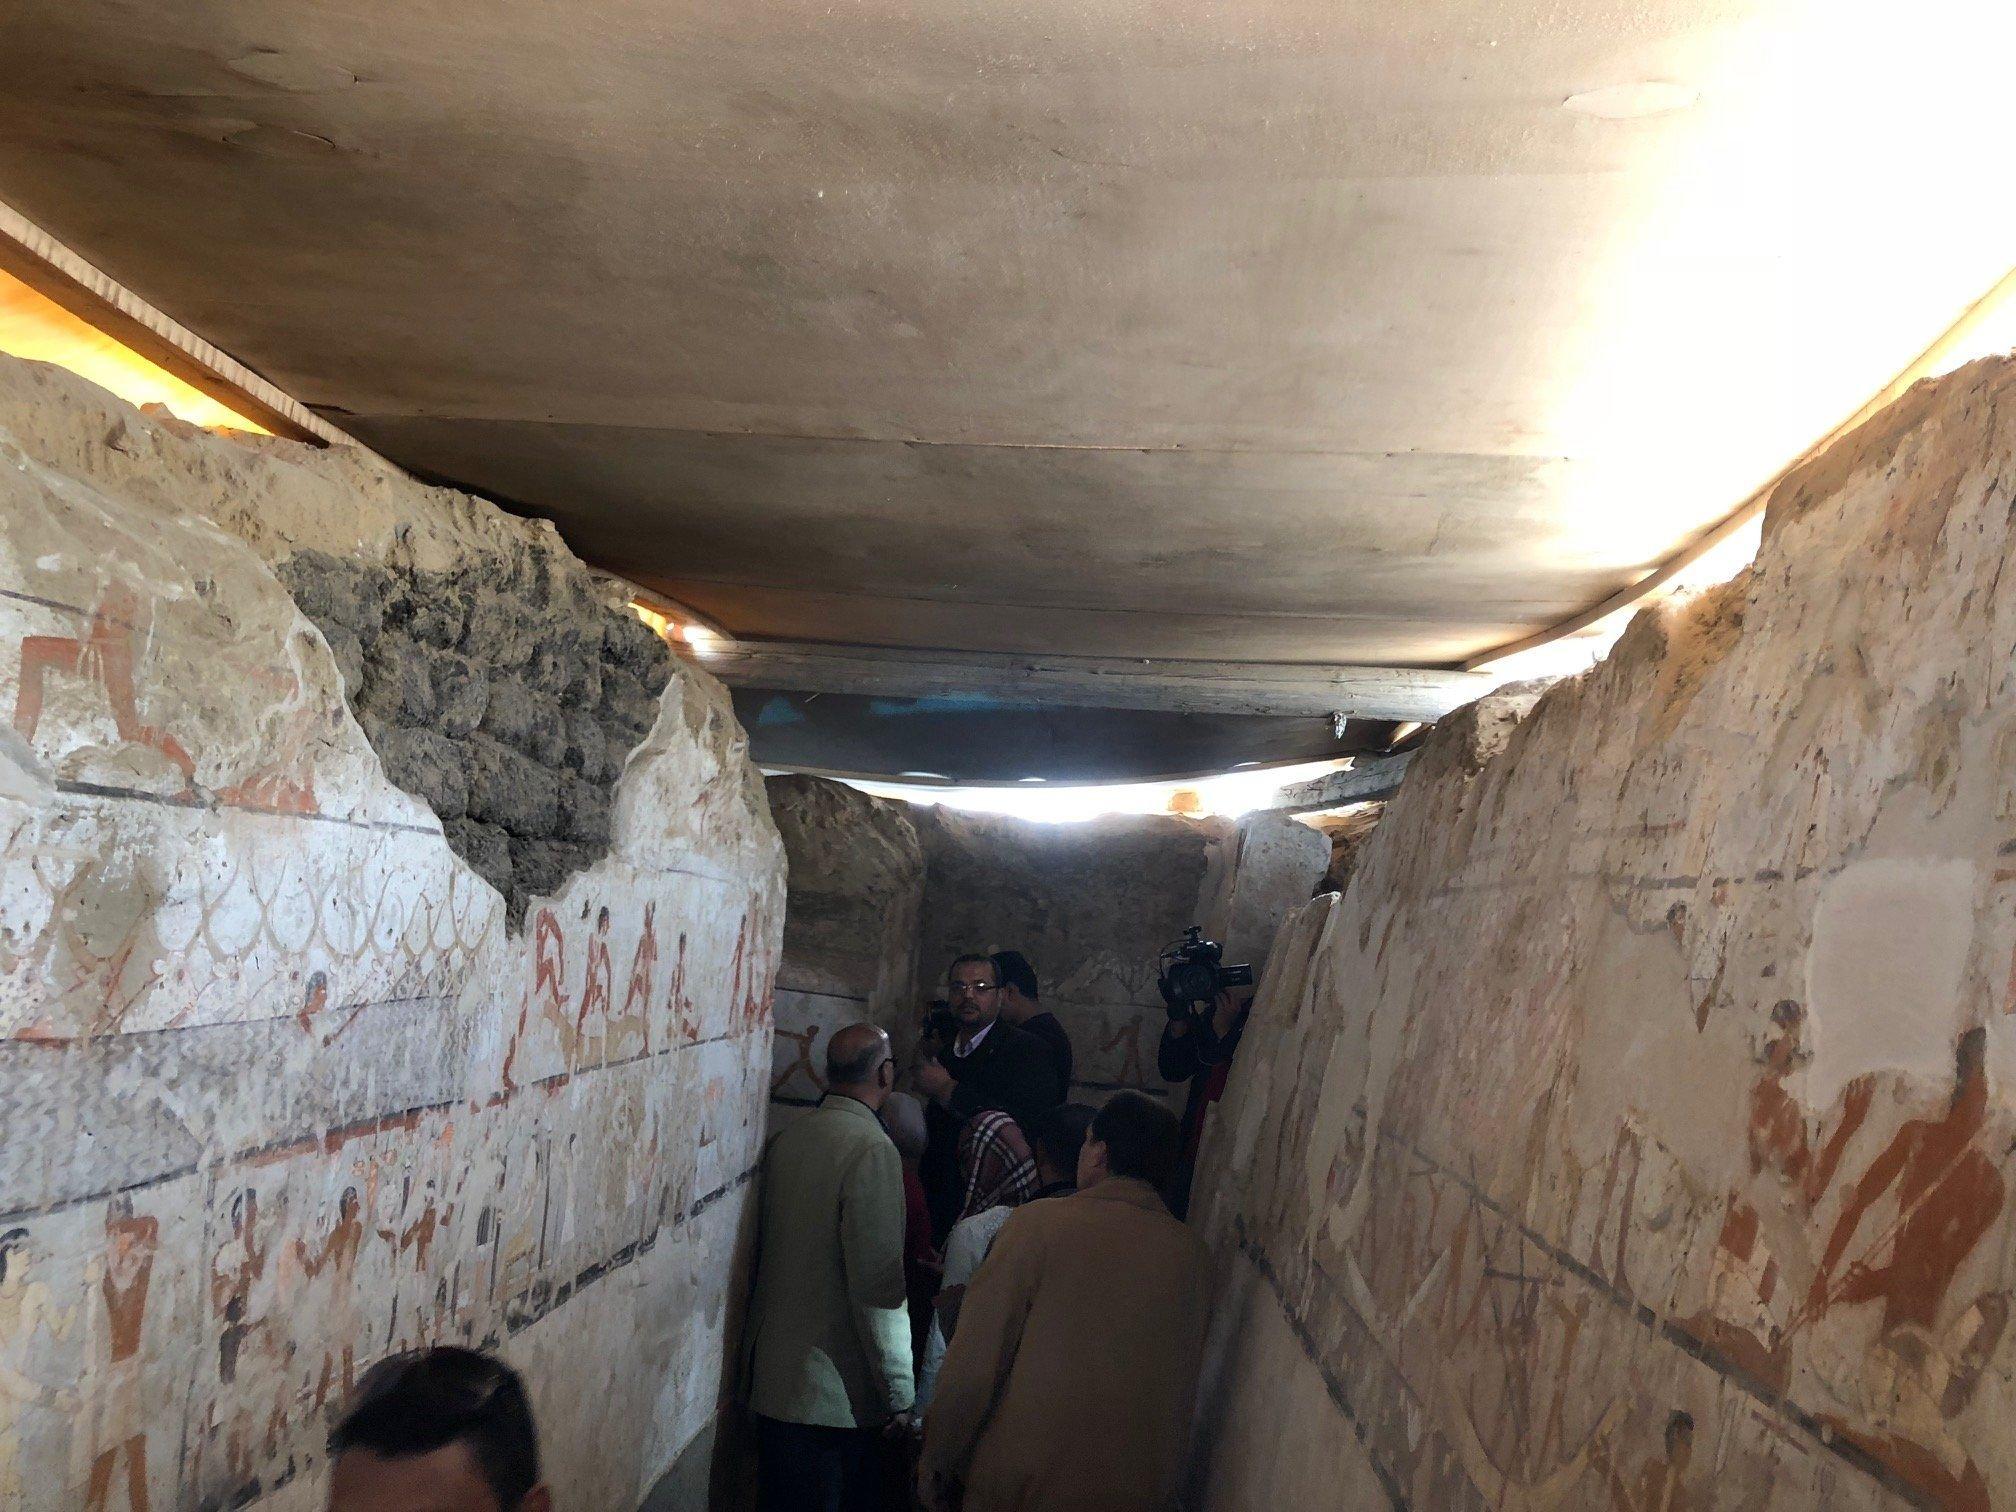 Hrobka úřednice období Staré říše objevená vedle pyramid Gízy